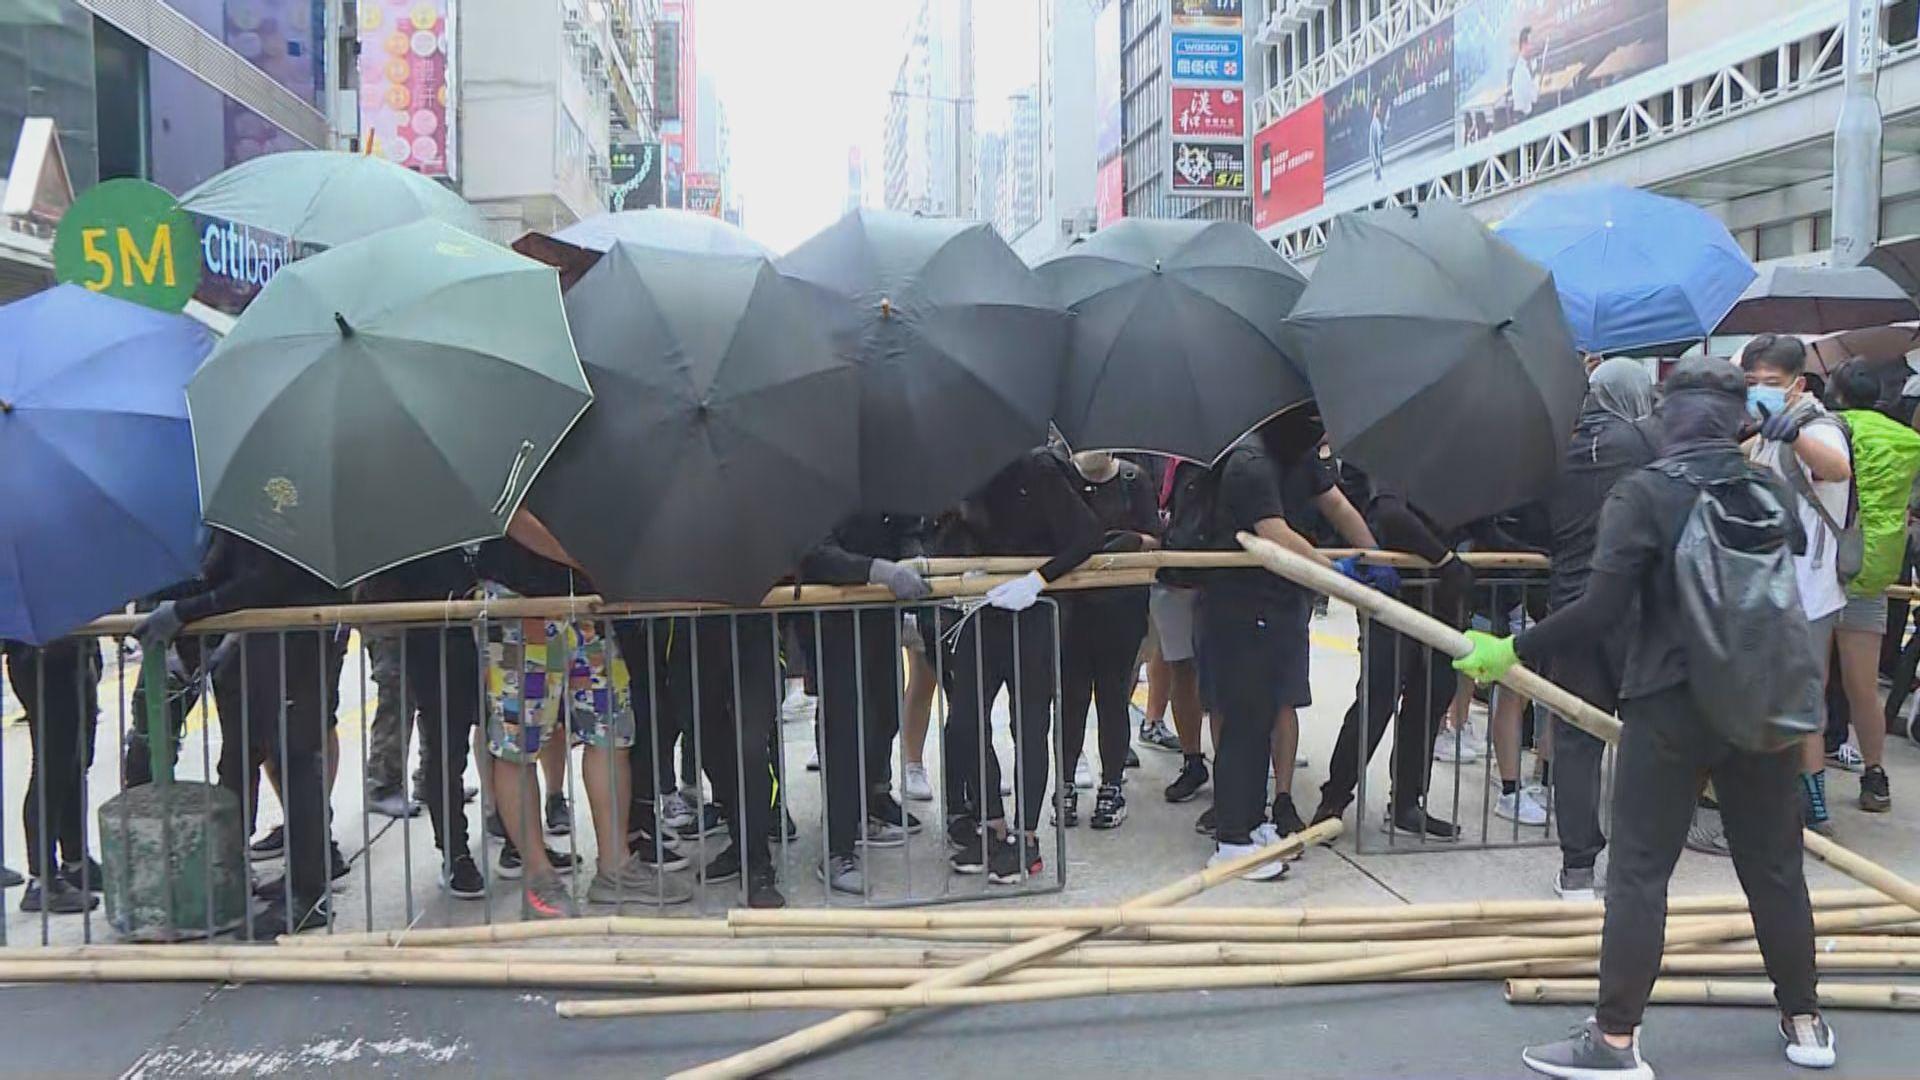 網民多區集會反禁蒙面法 彌敦道有人堵路